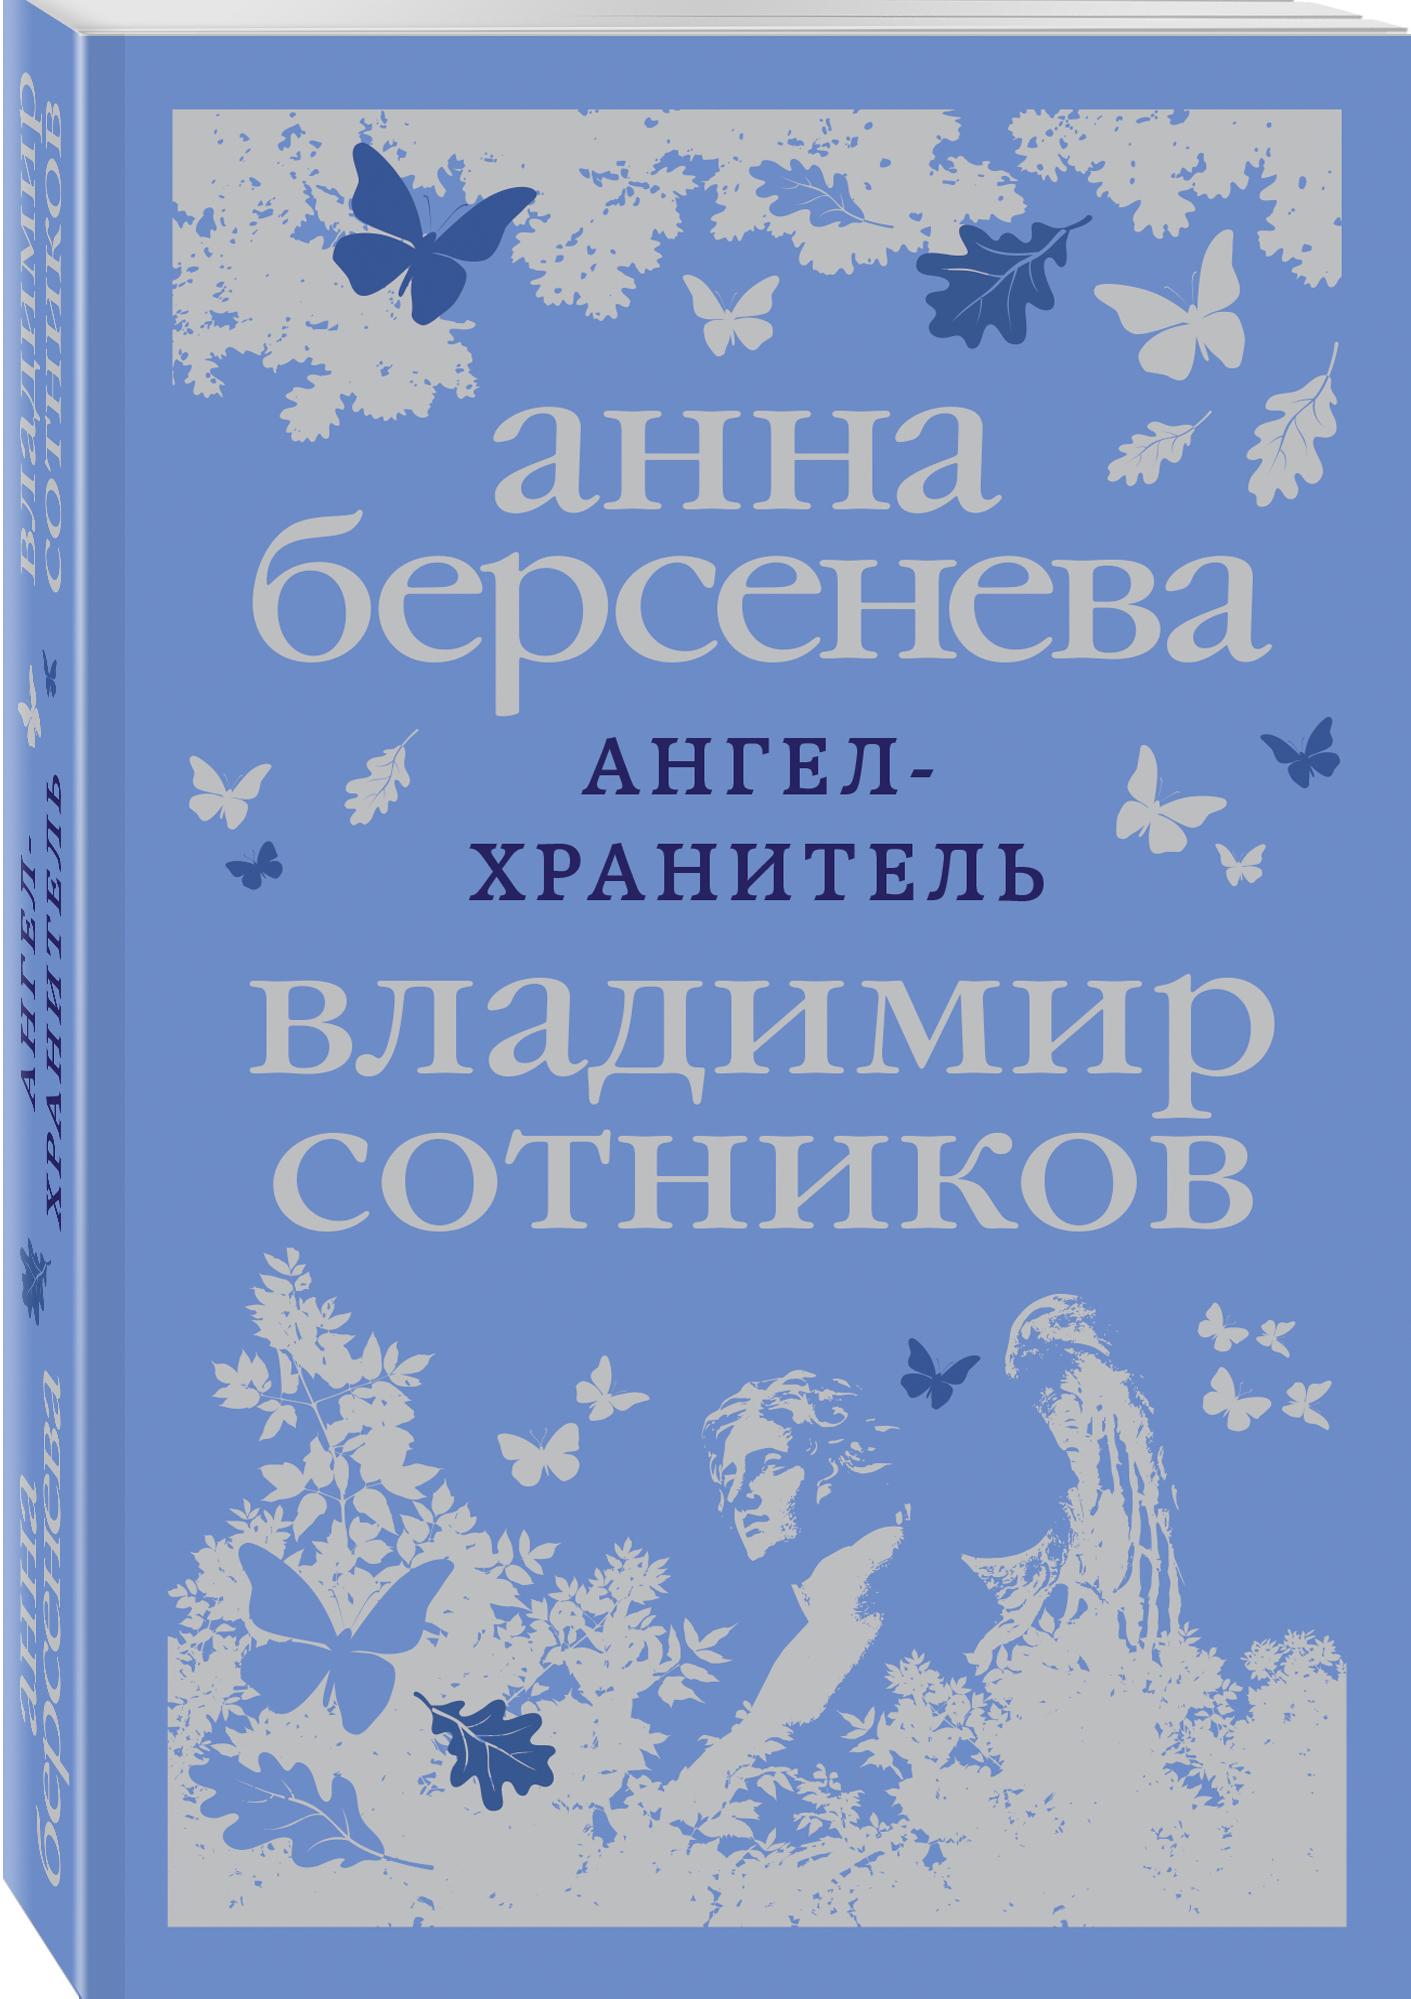 Анна Берсенева, Владимир Сотников Ангел-хранитель